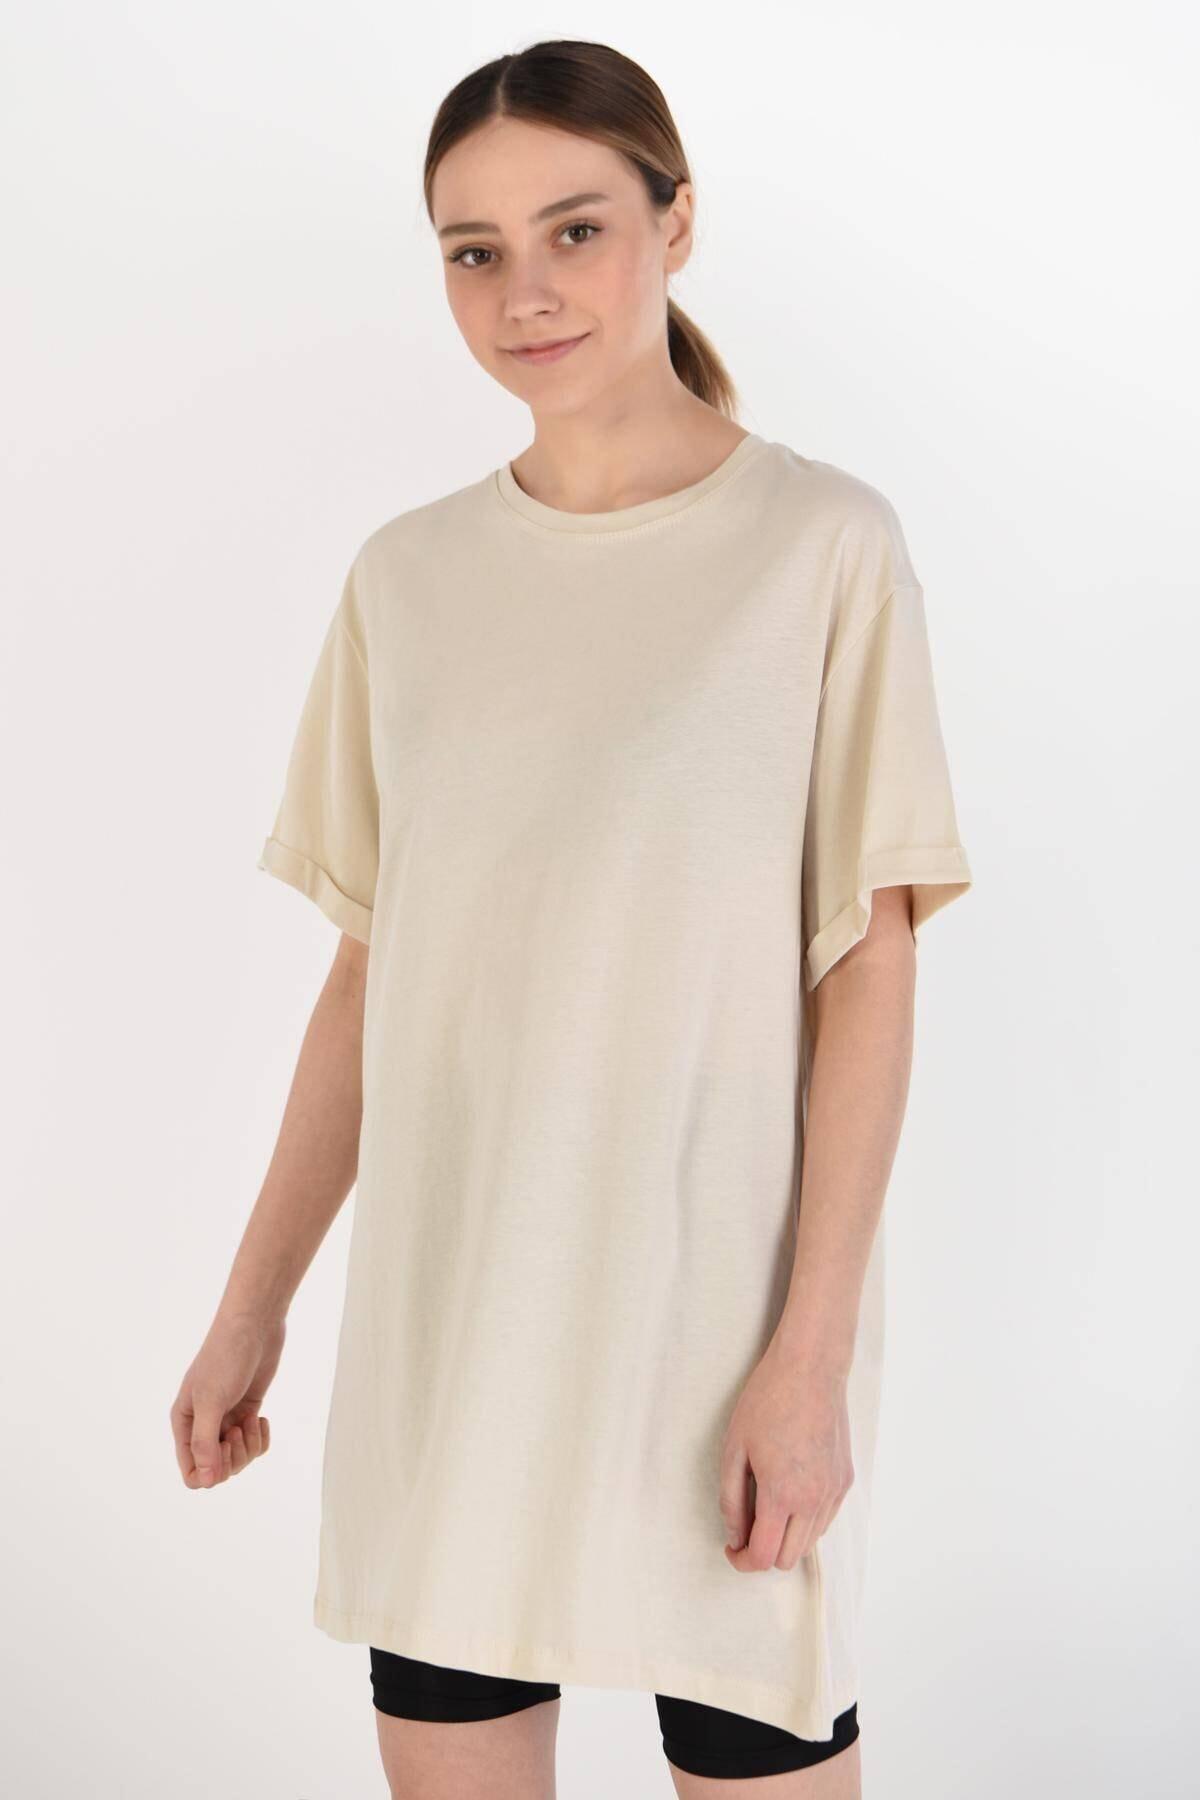 Addax Kadın Taş Basic Tişört P0341 - B7 ADX-0000022048 1